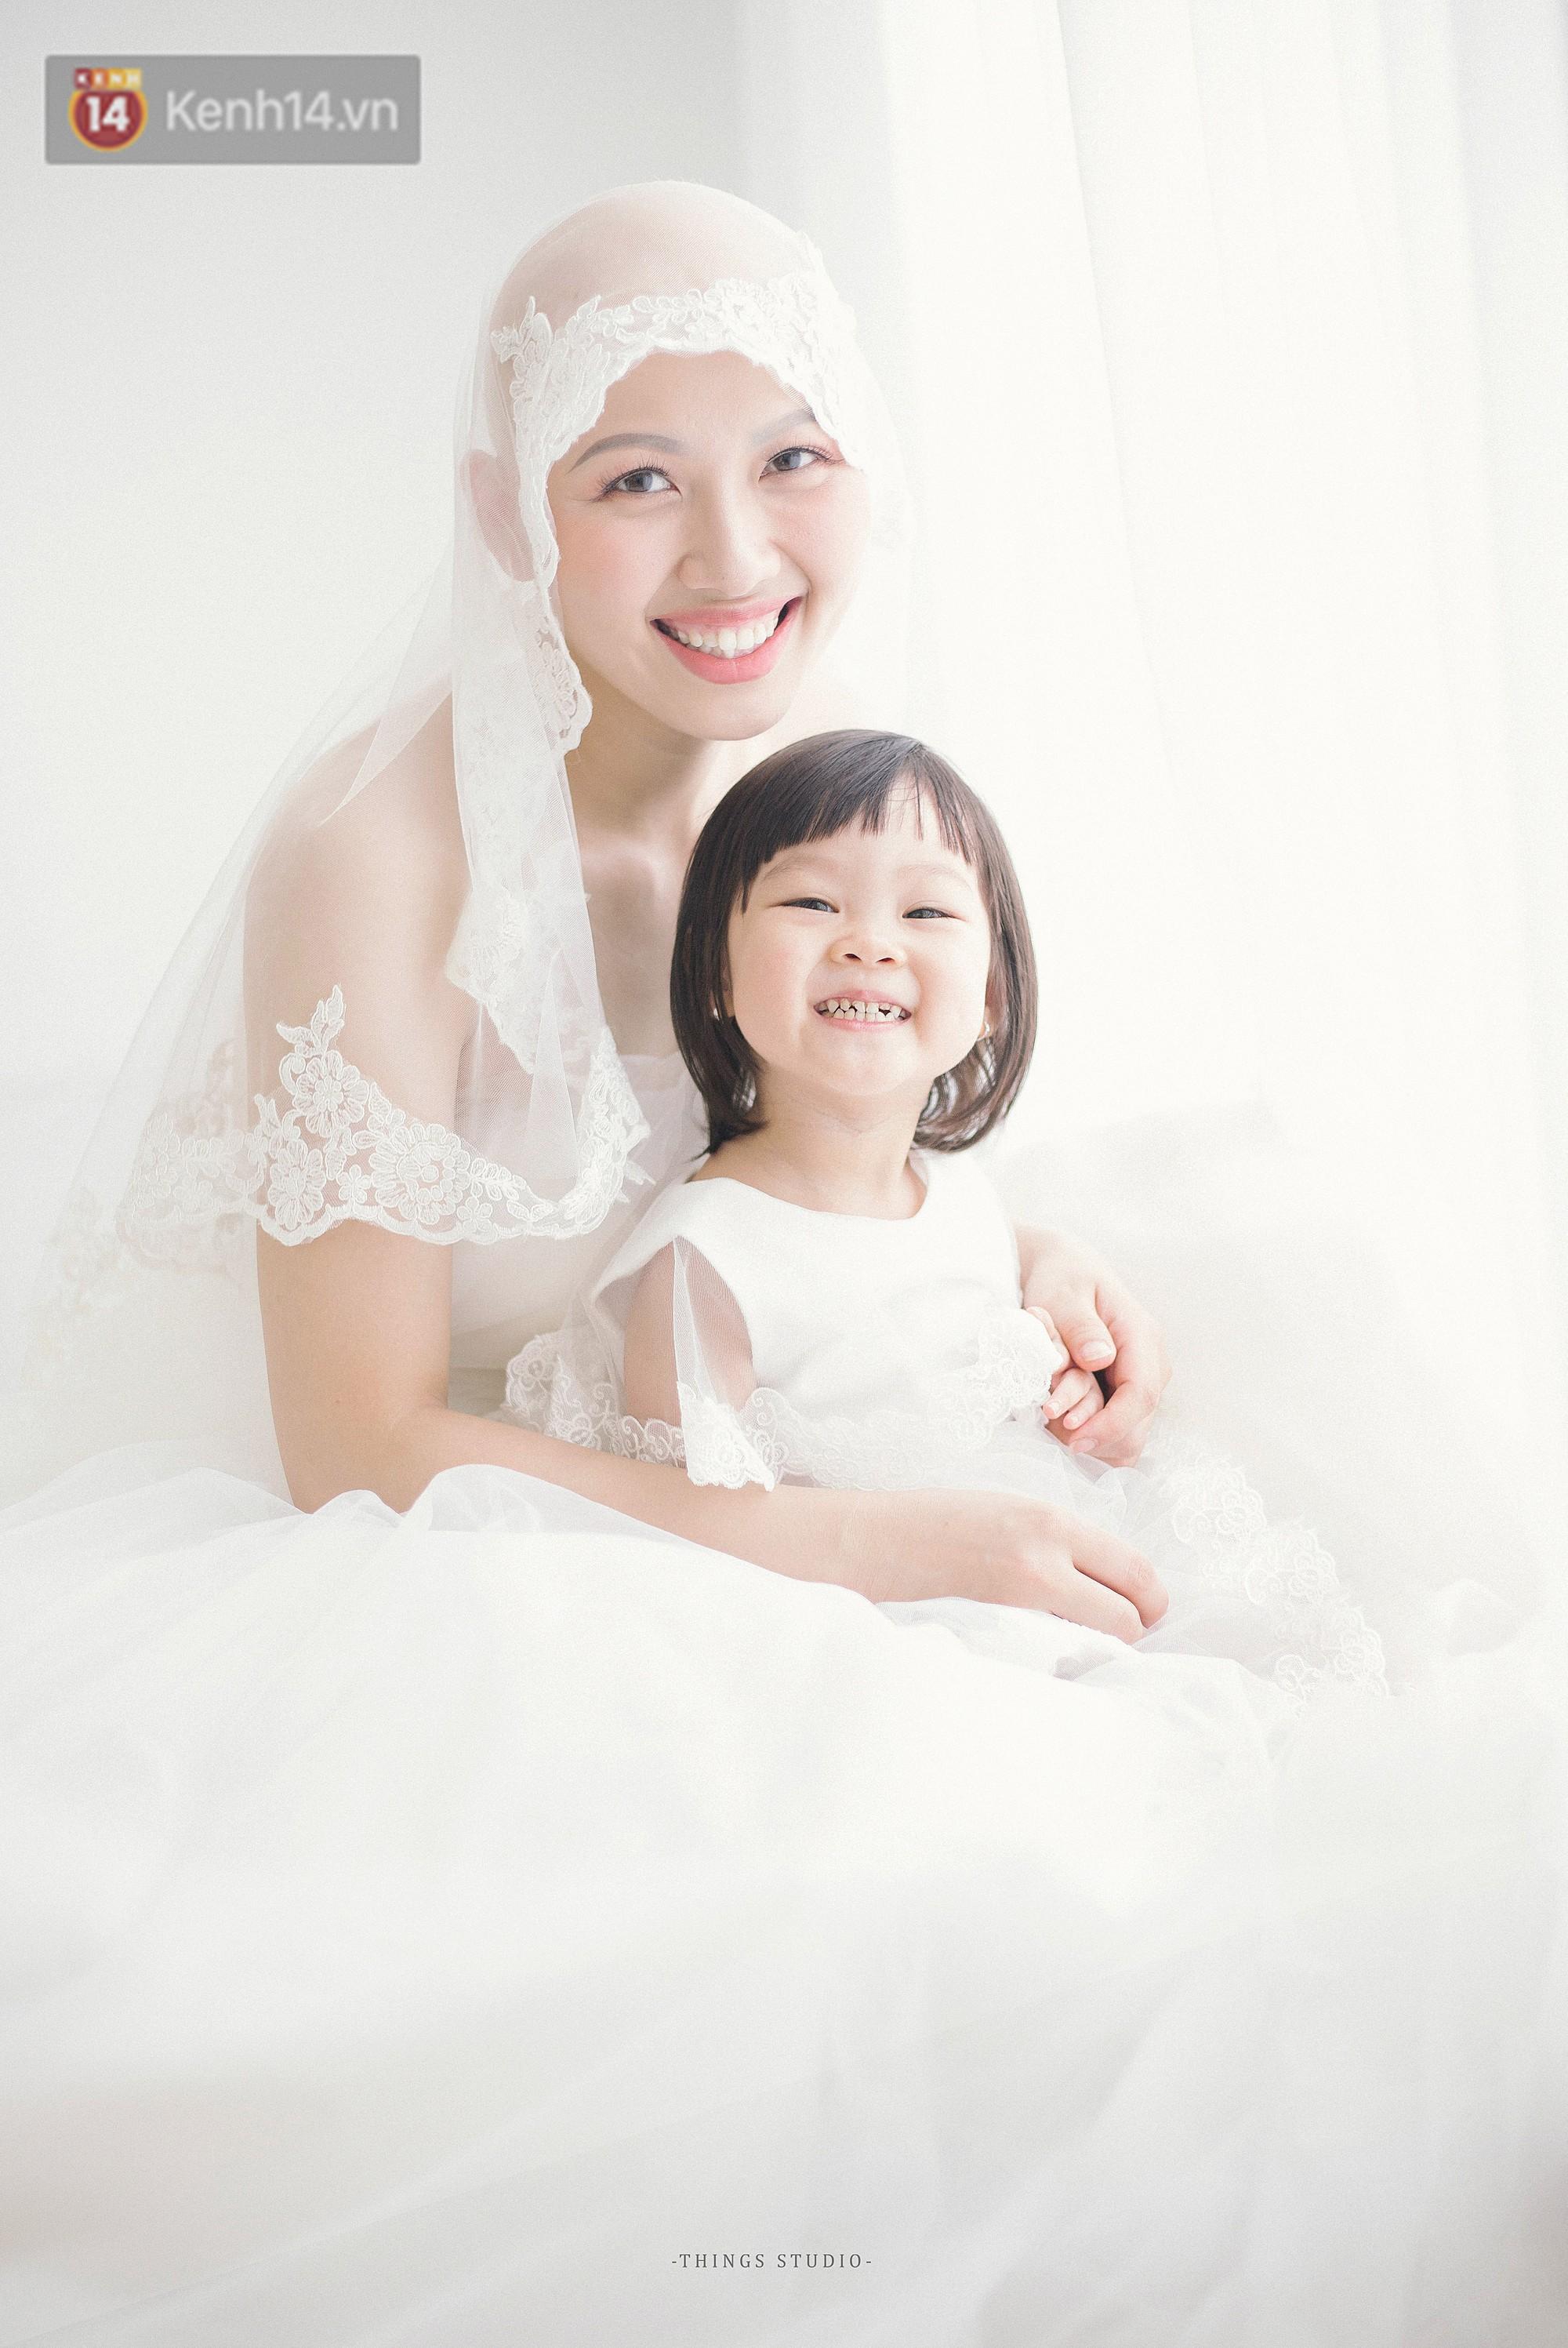 Bộ ảnh mẹ không có tóc bên con gái nhỏ đầy xúc động: Mình đã từng nghĩ không sống nổi với hình hài này - Ảnh 1.